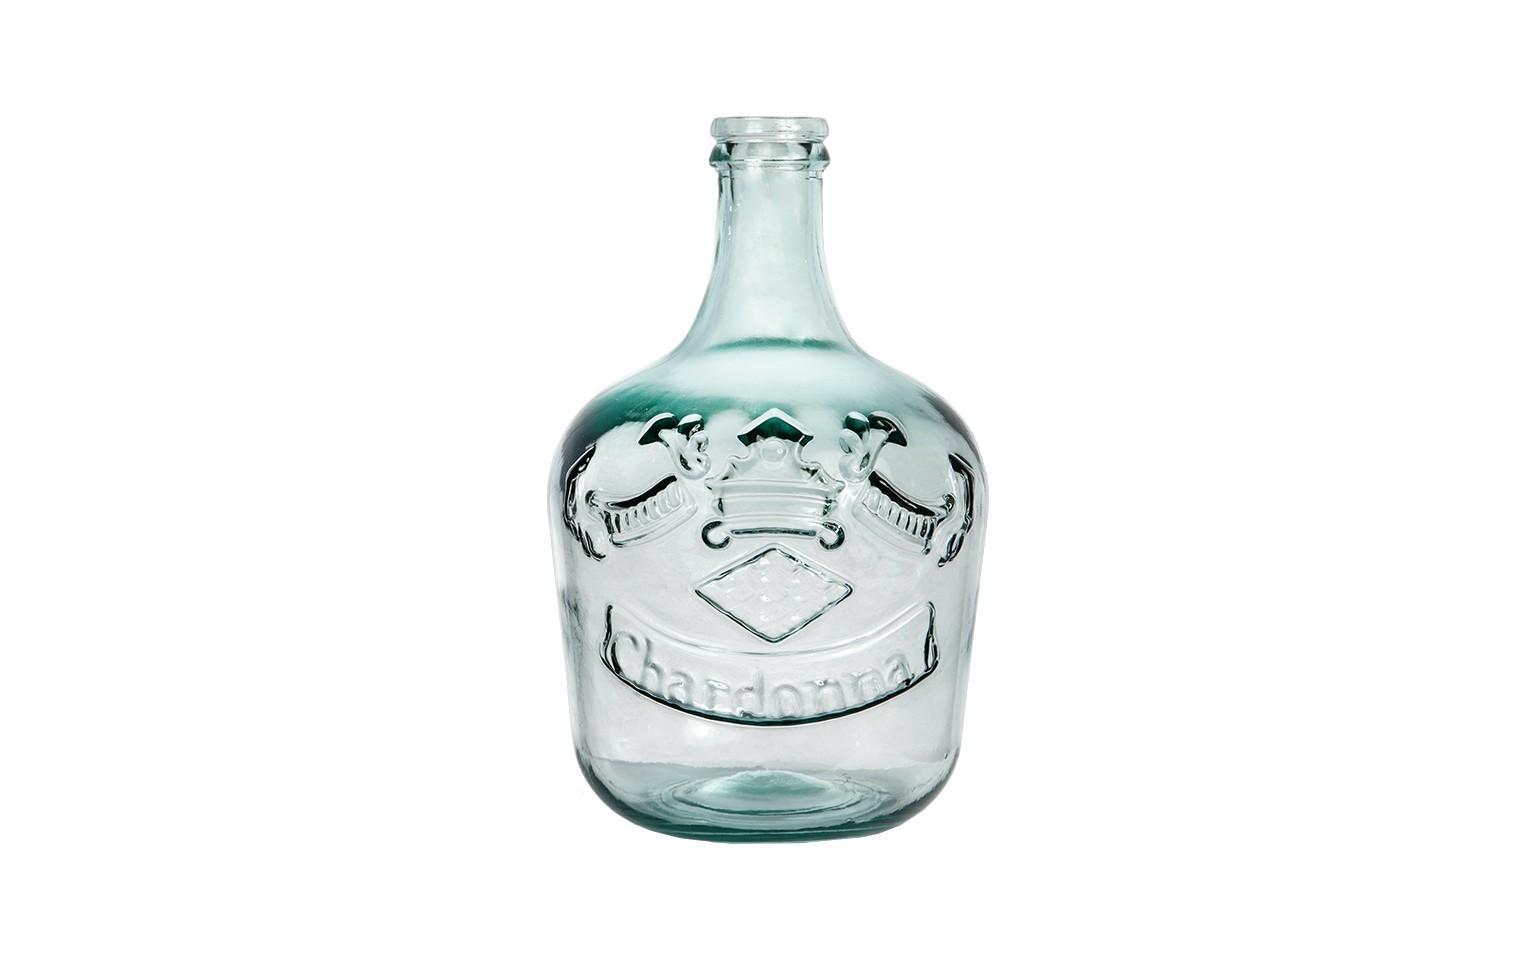 БутыльБанки и бутылки<br>San Miguel (Испания) – это мощнейшая компания, которая занимается производством очень качественной и оригинальной продукции из переработанного стекла. Vidrios San Miguel известный бренд во всем мире. В наши дни, Vidrios San Miguel имеет более чем 25 000 торговых точек. Vidrios San Miguel занимается производством стеклянных изделий: посуда, бутылки, вазы, сувениры, украшения и многое другое.<br><br>Material: Стекло<br>Height см: 30<br>Diameter см: 18